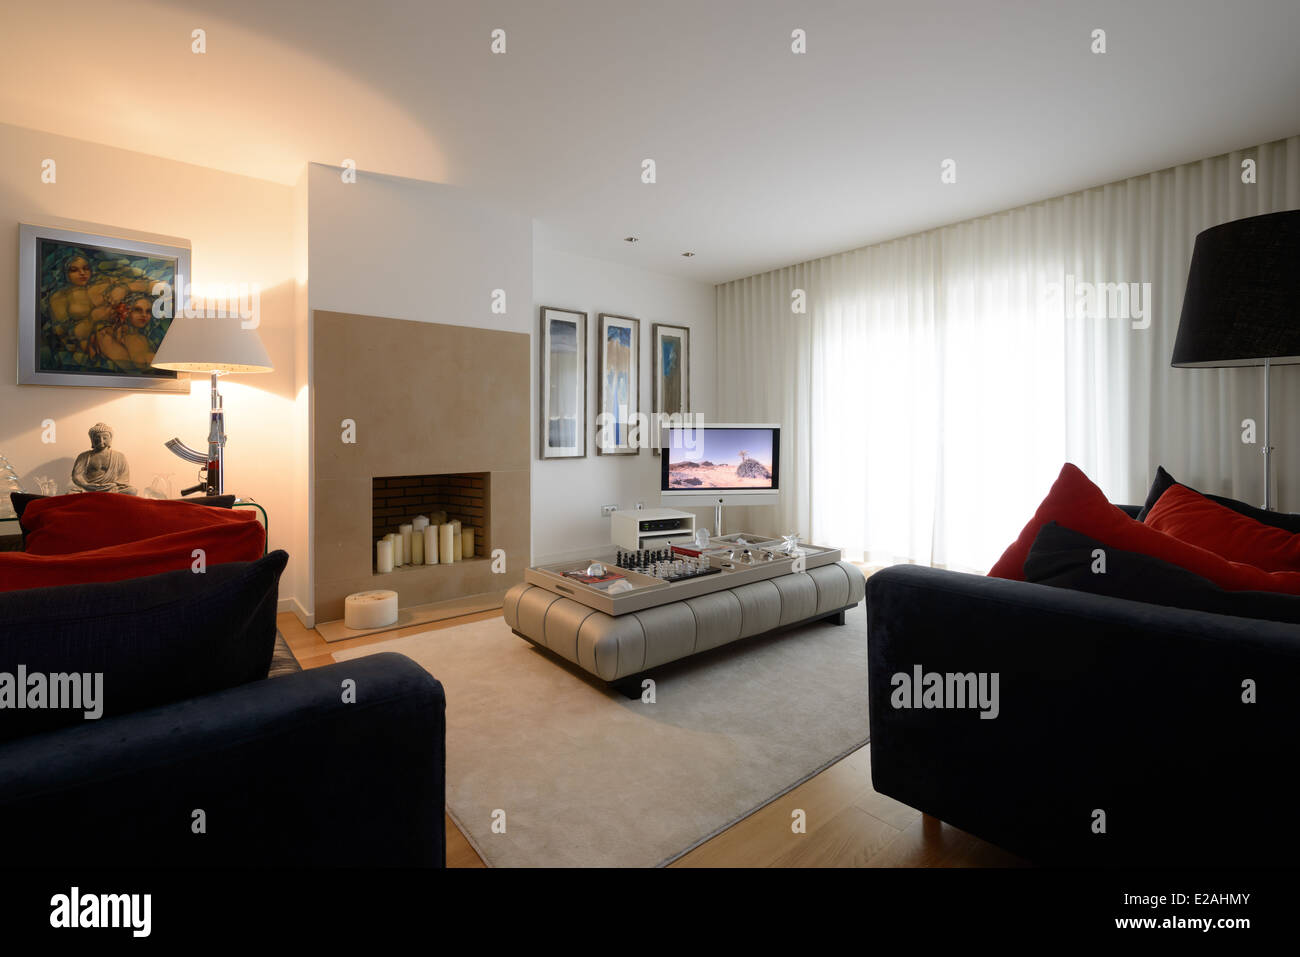 Soggiorno Moderno Con Camino moderno soggiorno con camino foto & immagine stock: 70304219